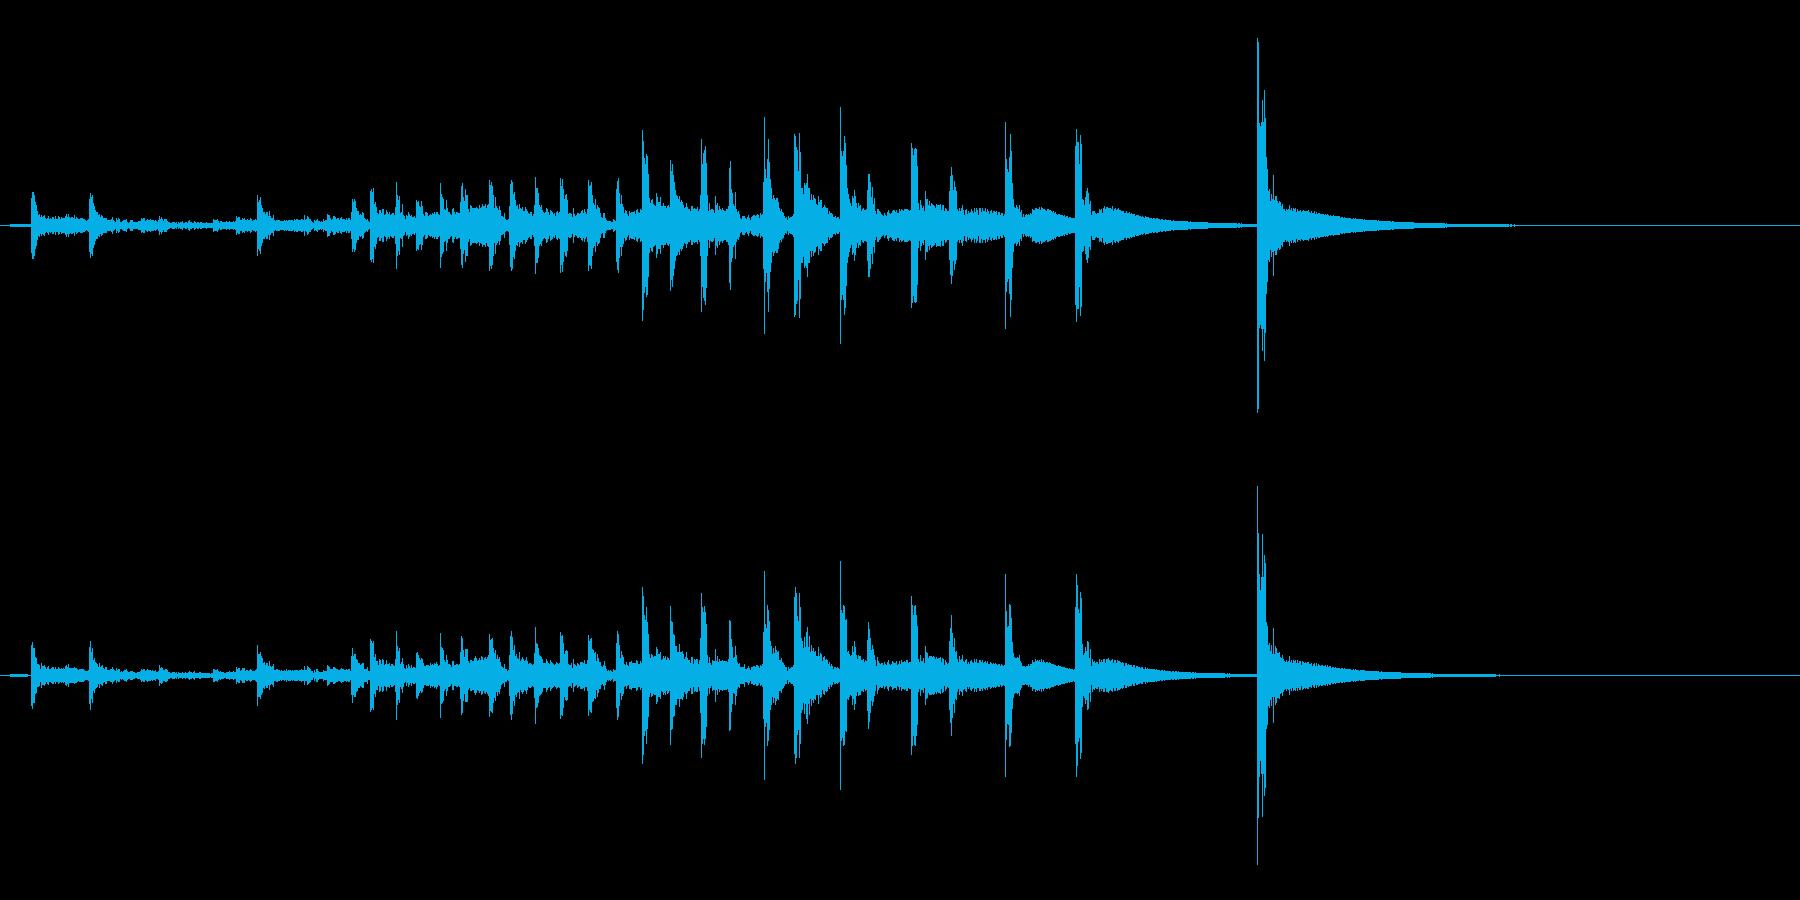 うちわ太皷の連打フレーズ音の再生済みの波形